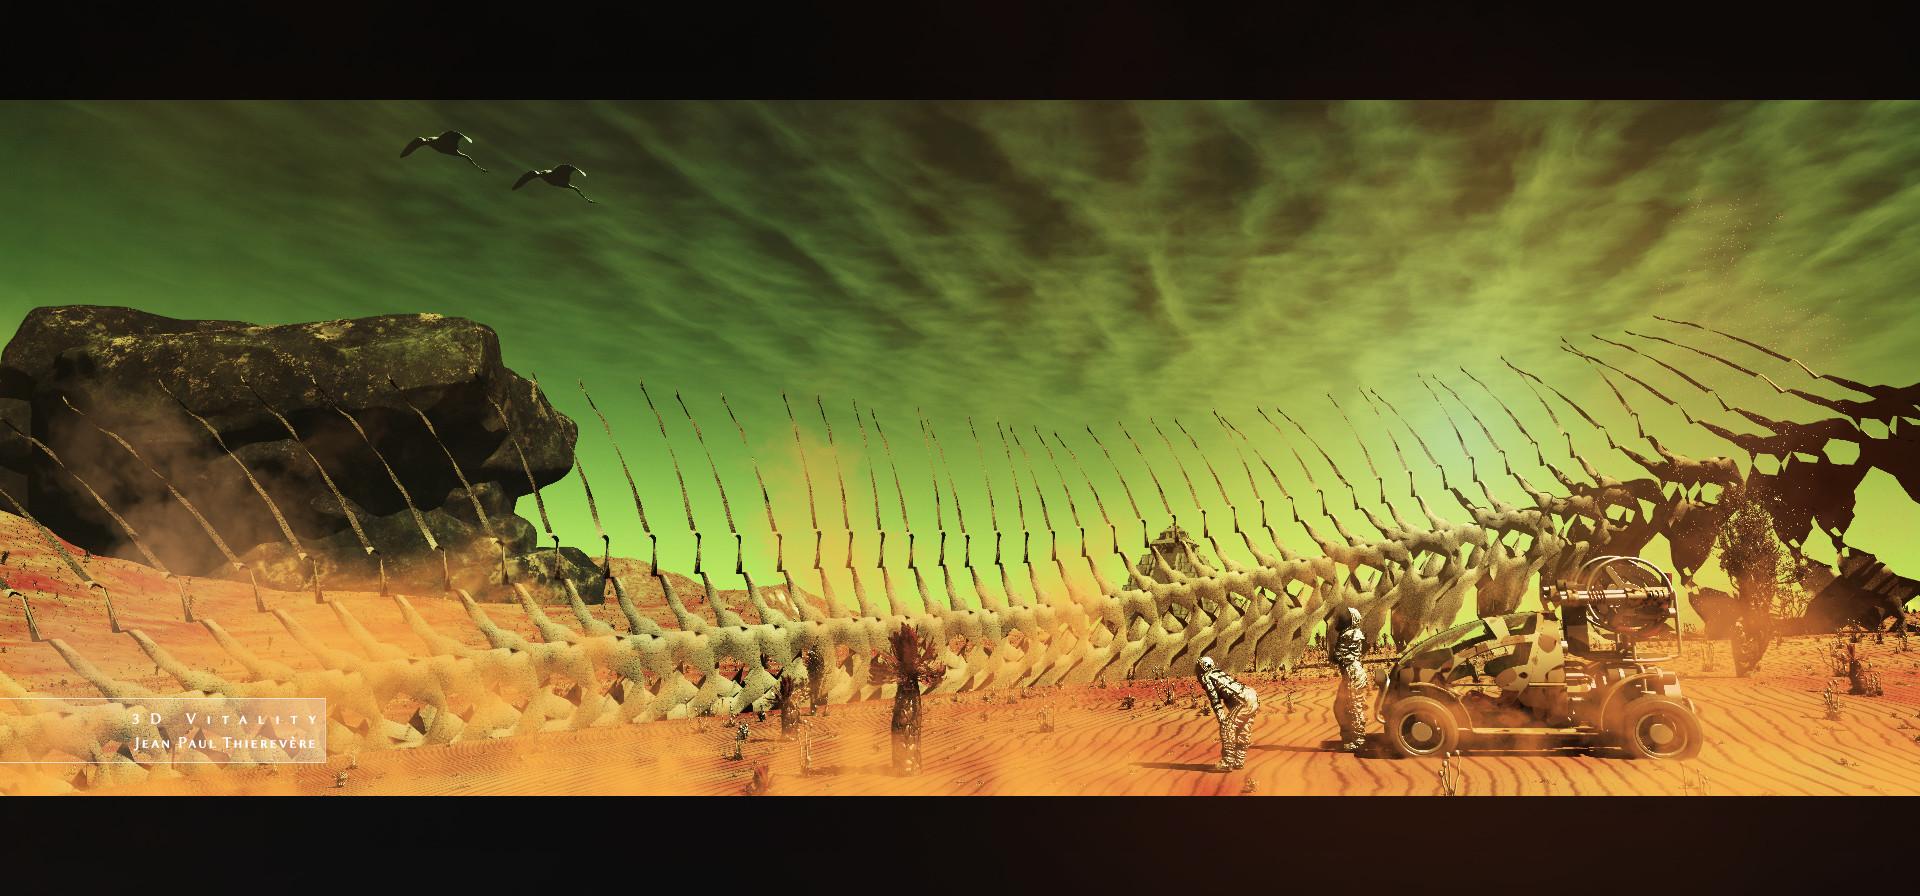 Quetzalcoatl was real ...